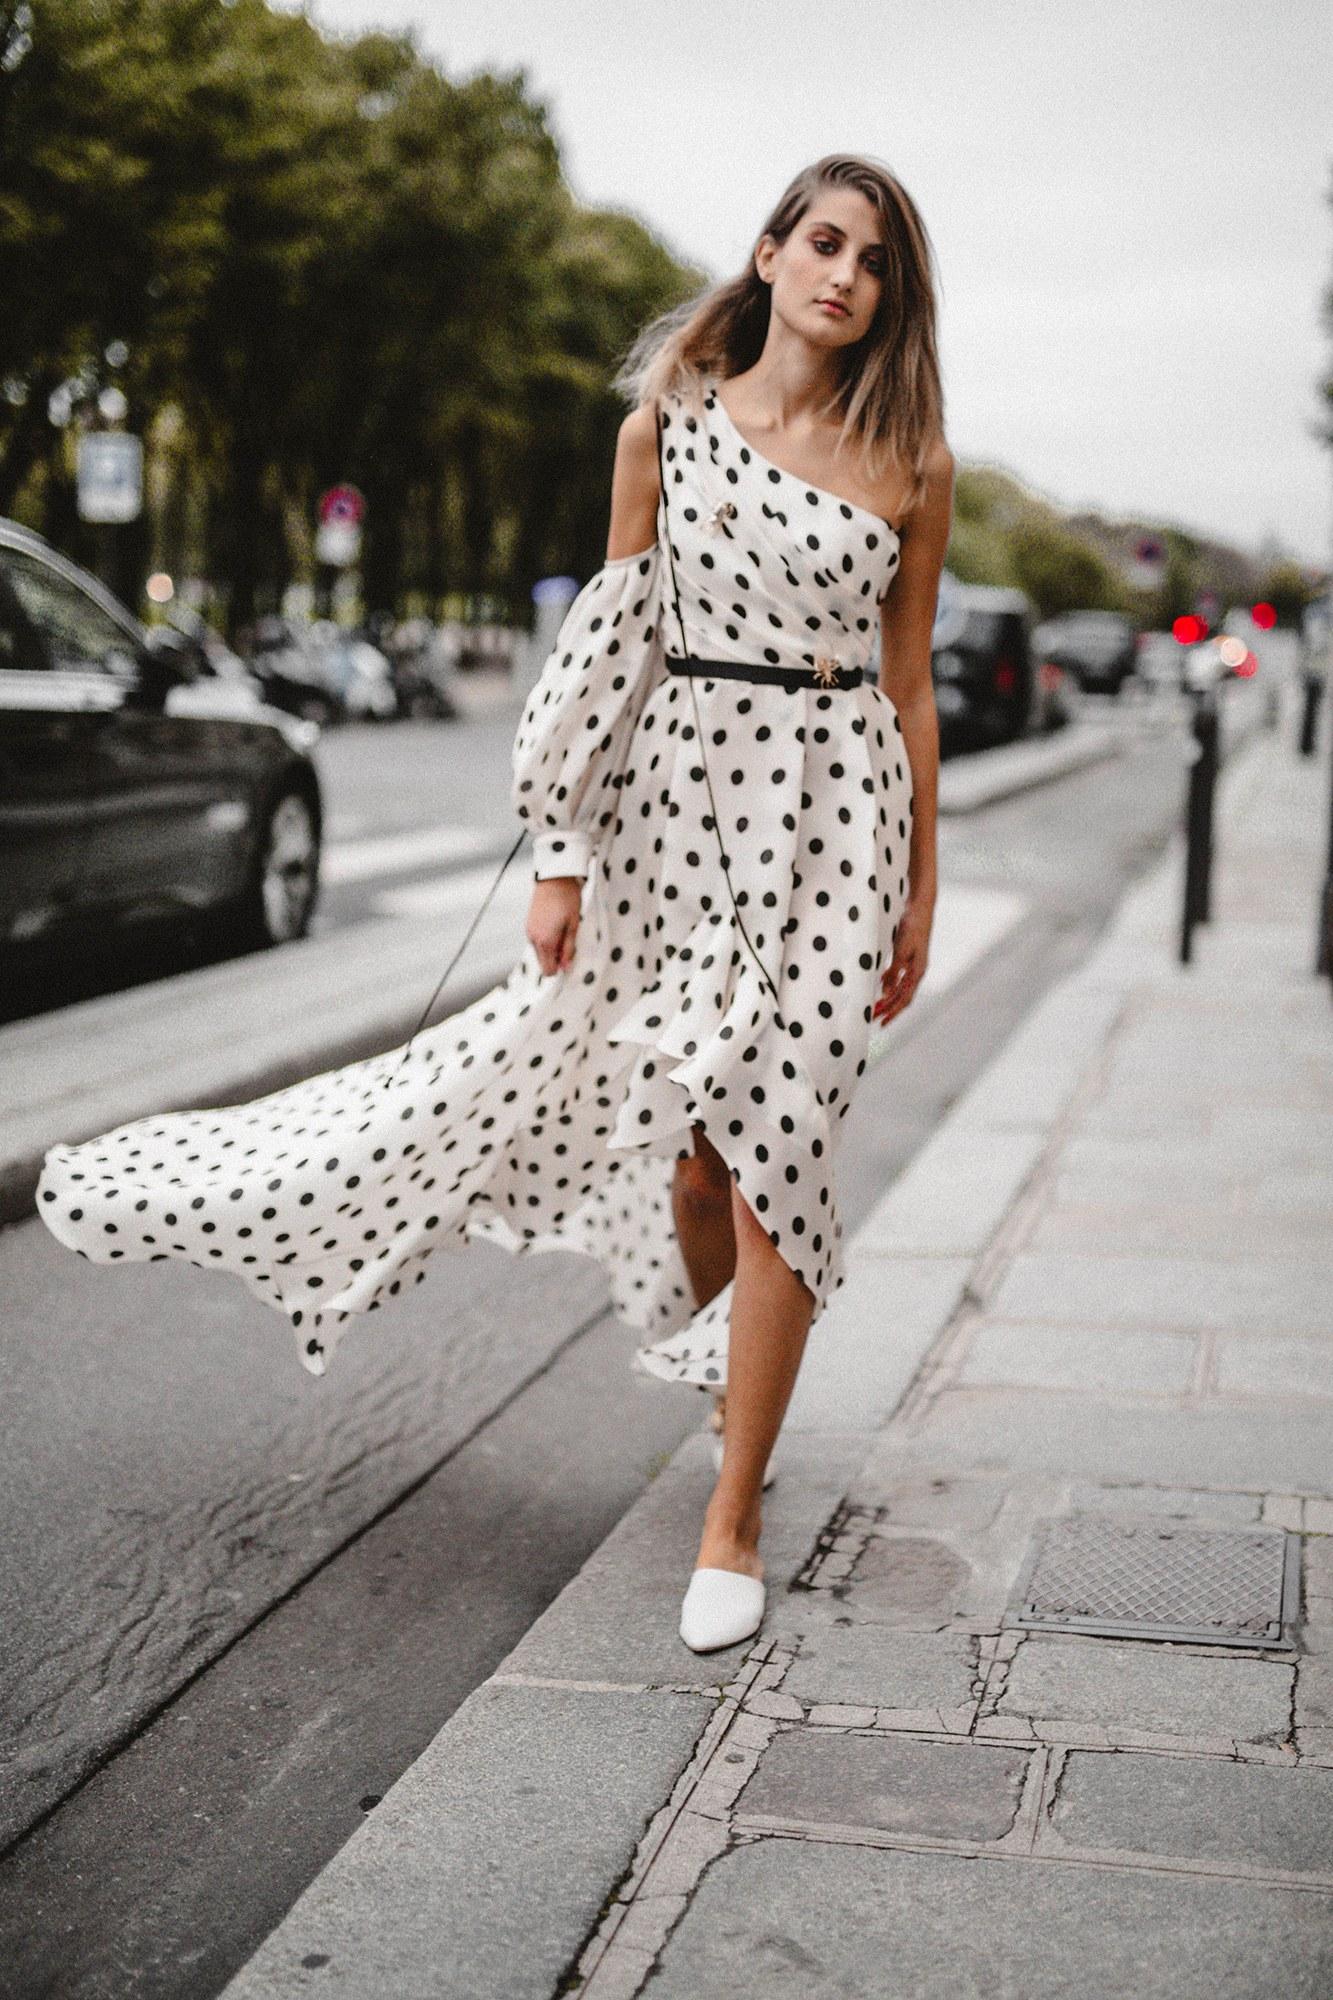 рано познакомилась модные платья в горошек фото музыка, цветы